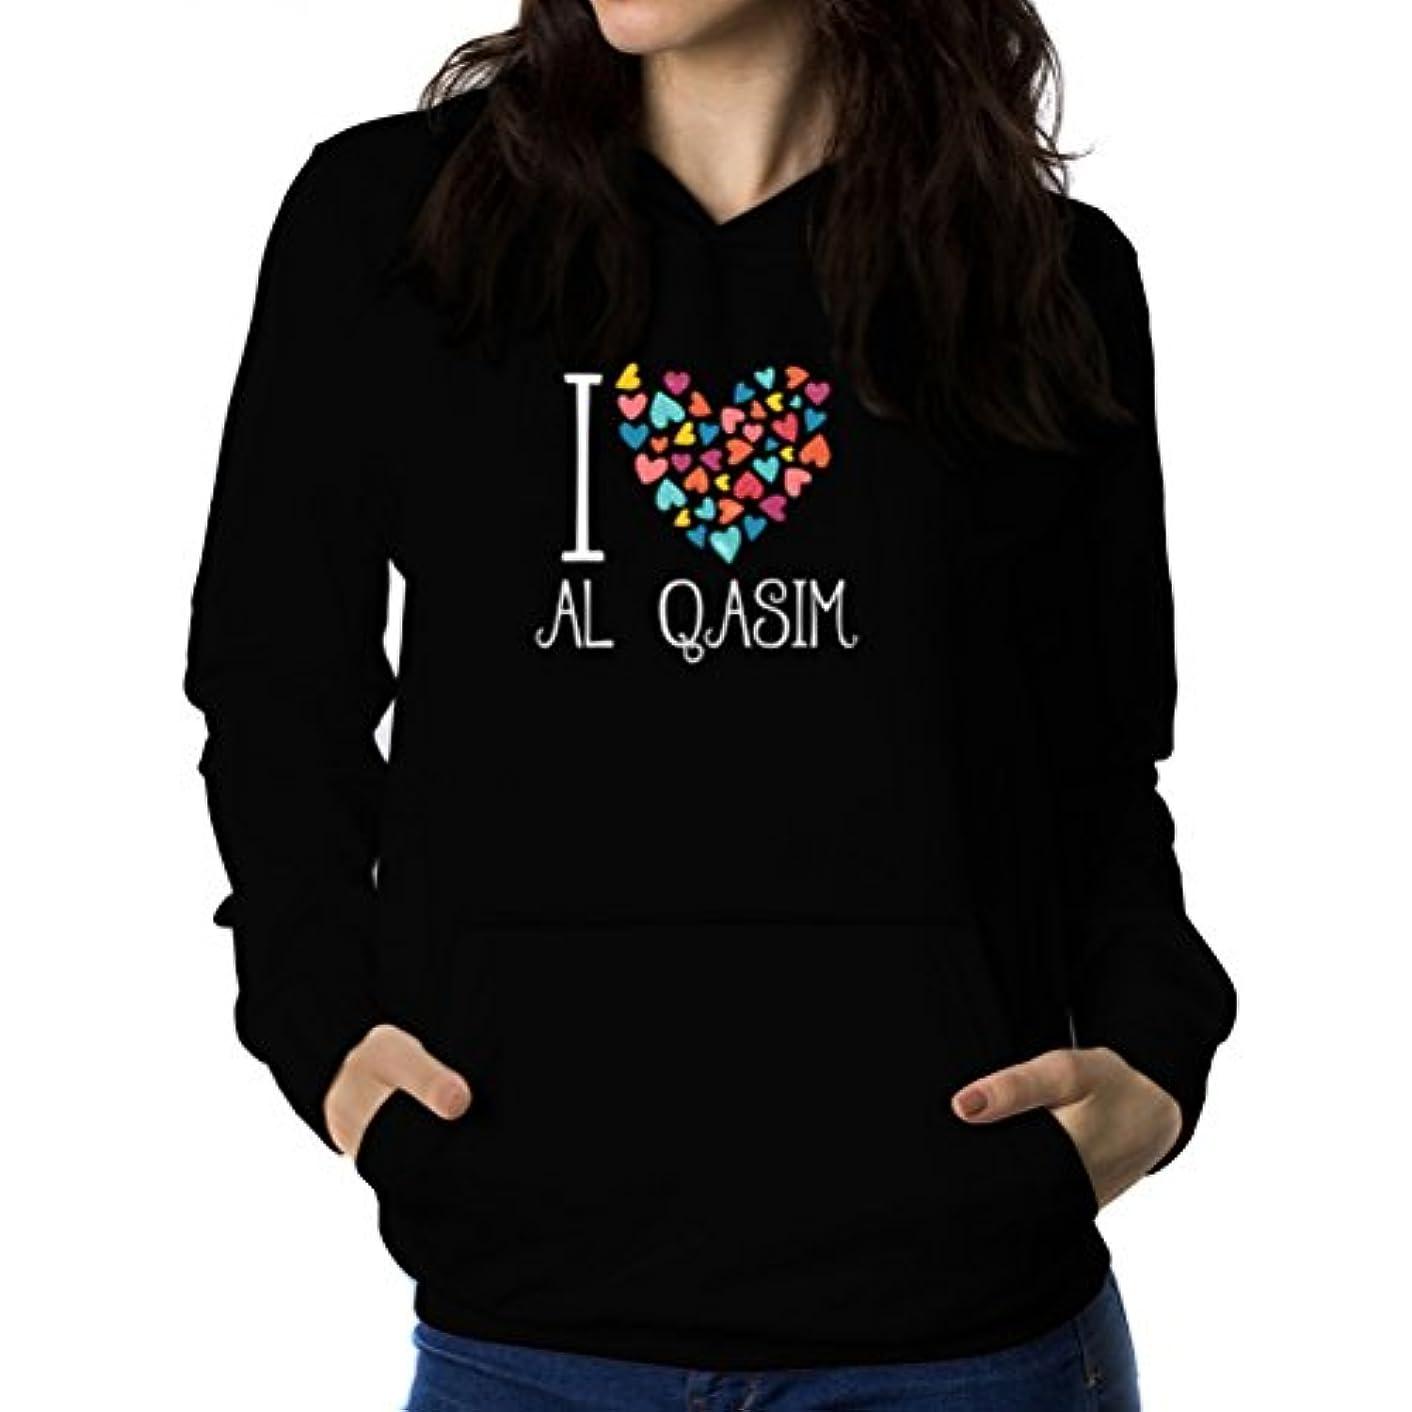 レコーダー約設定スリルI love Al Qasim colorful hearts 女性 フーディー